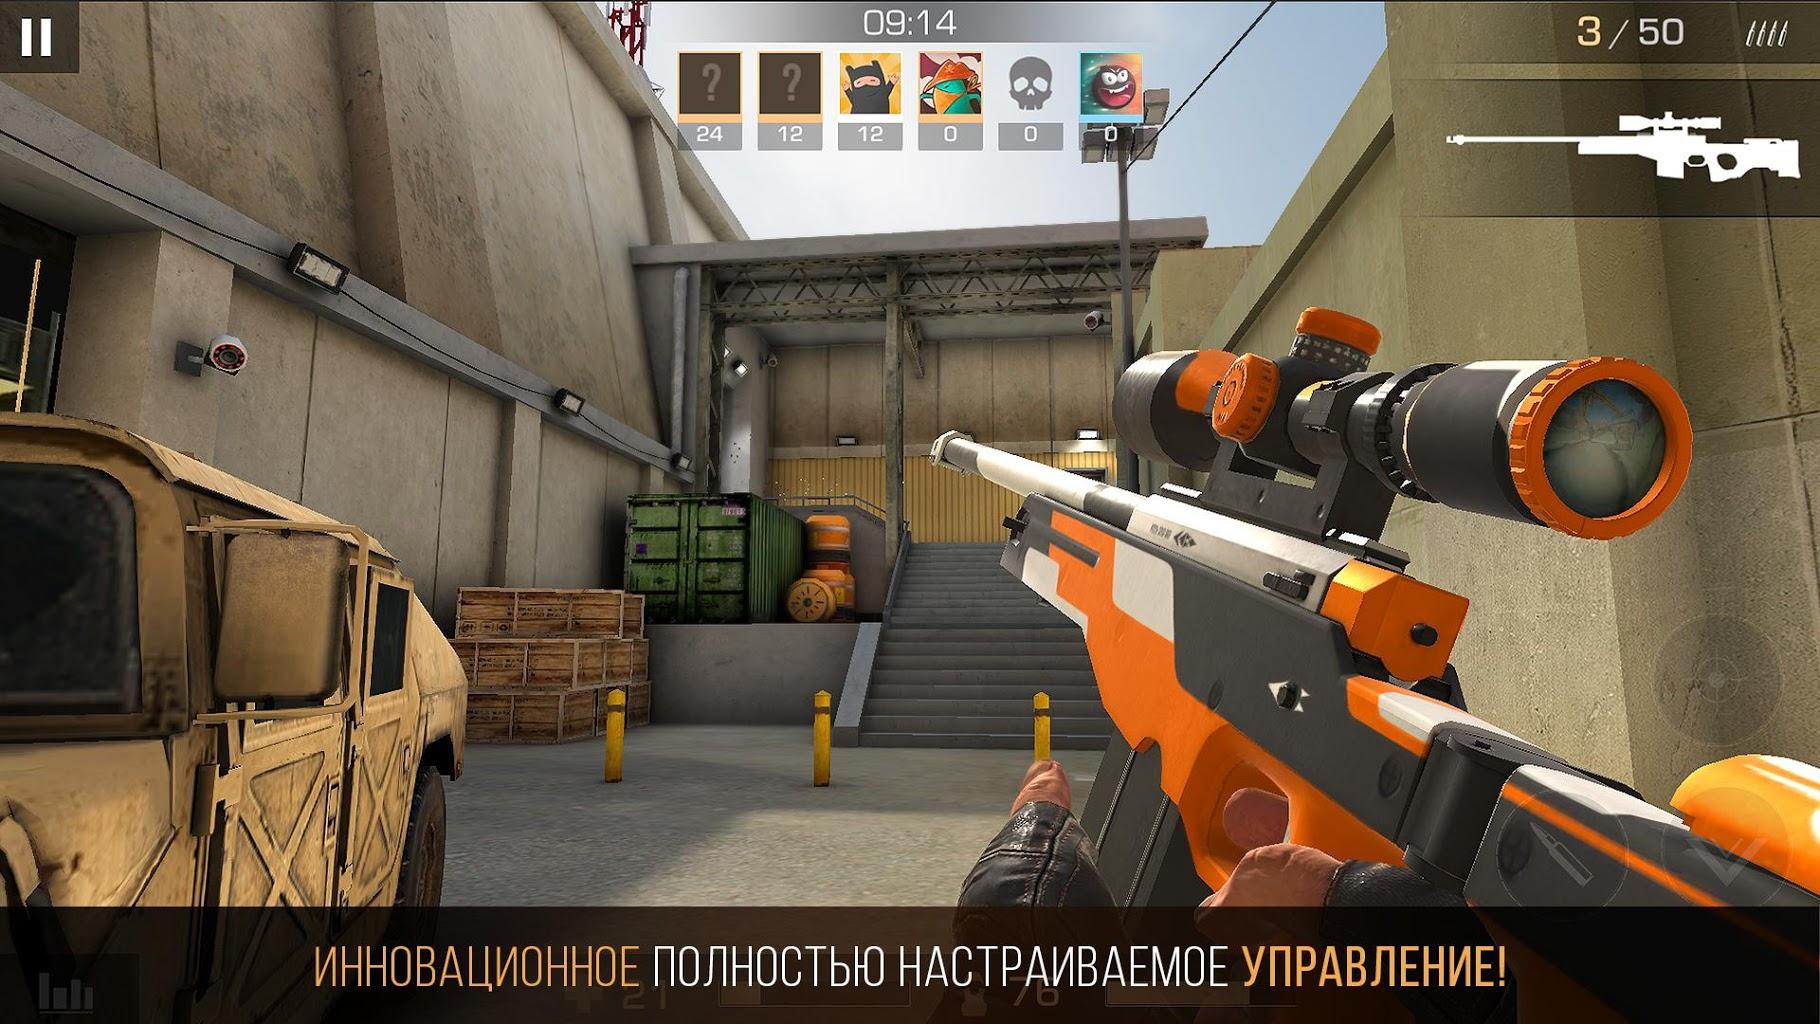 скачать взломанную игру standoff 2 case simulator